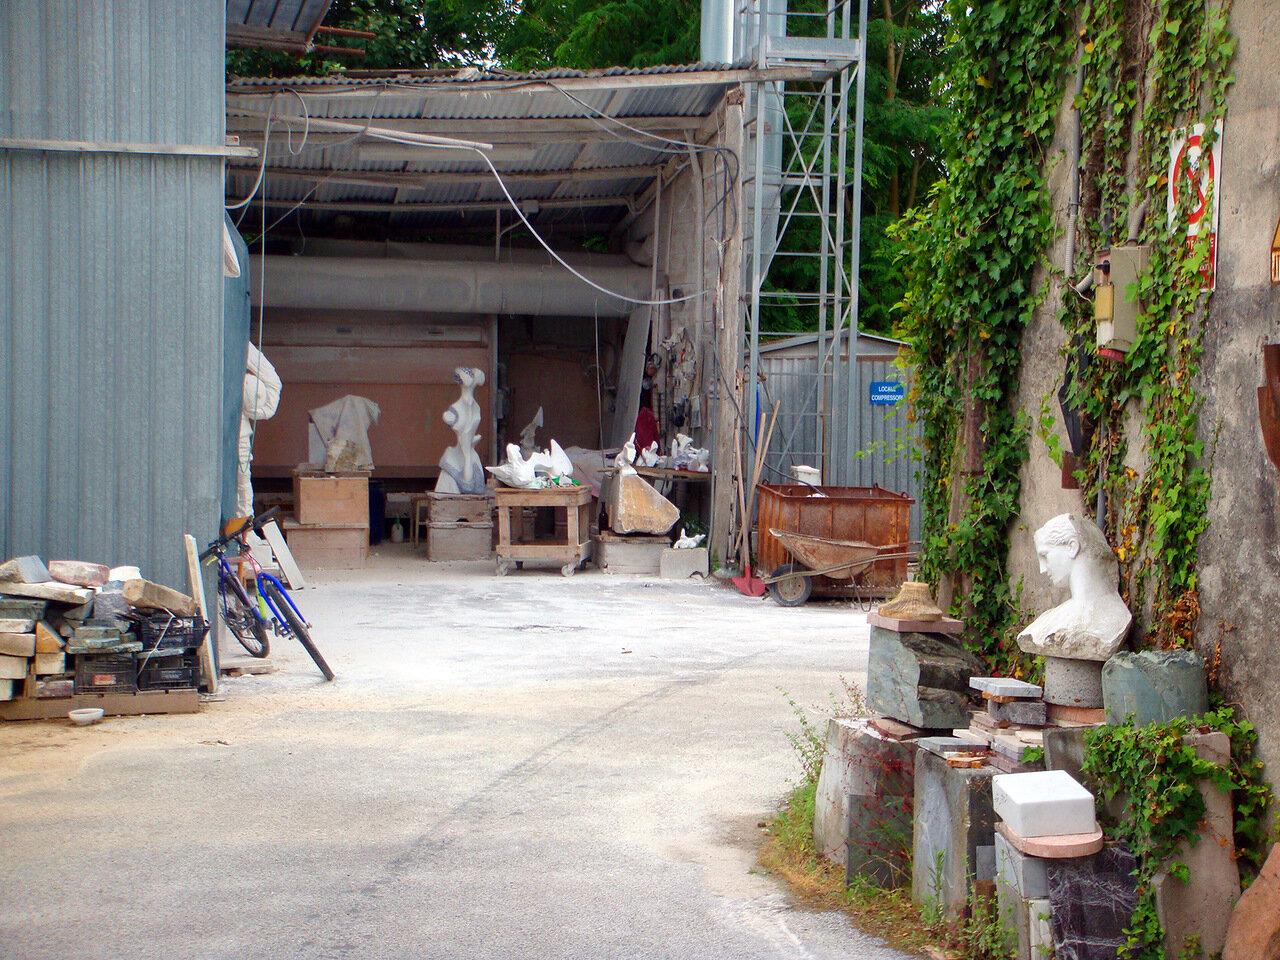 На задворках одной из мастерской скульптора в городе Пьетрасанта (Pietrasanta)